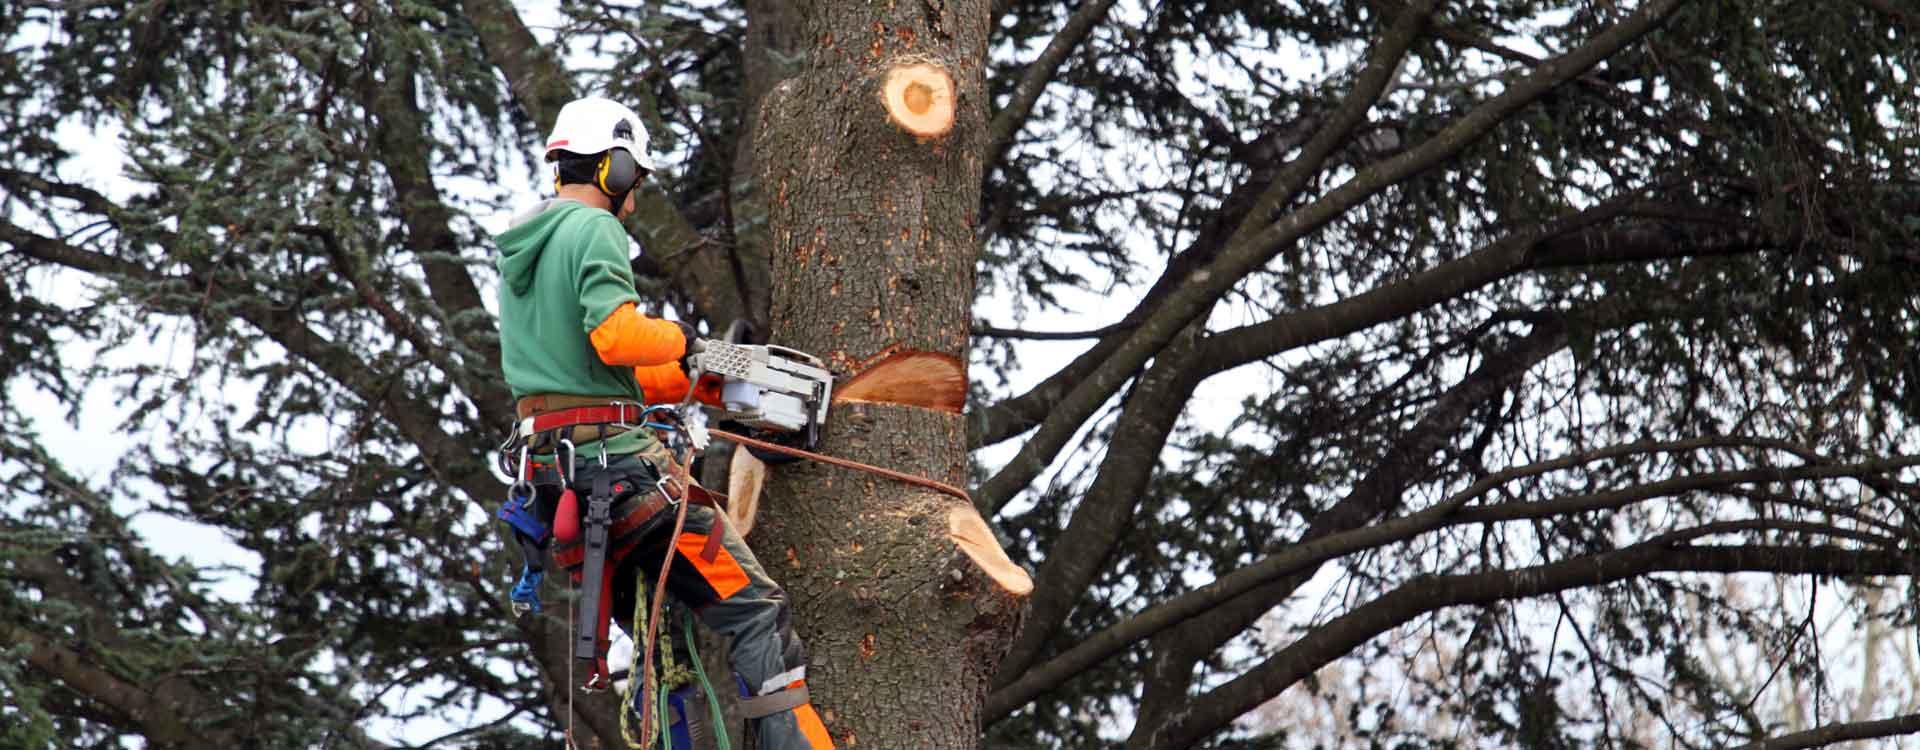 Tout un dispositif de sécurité pour abattre un arbre dangereux